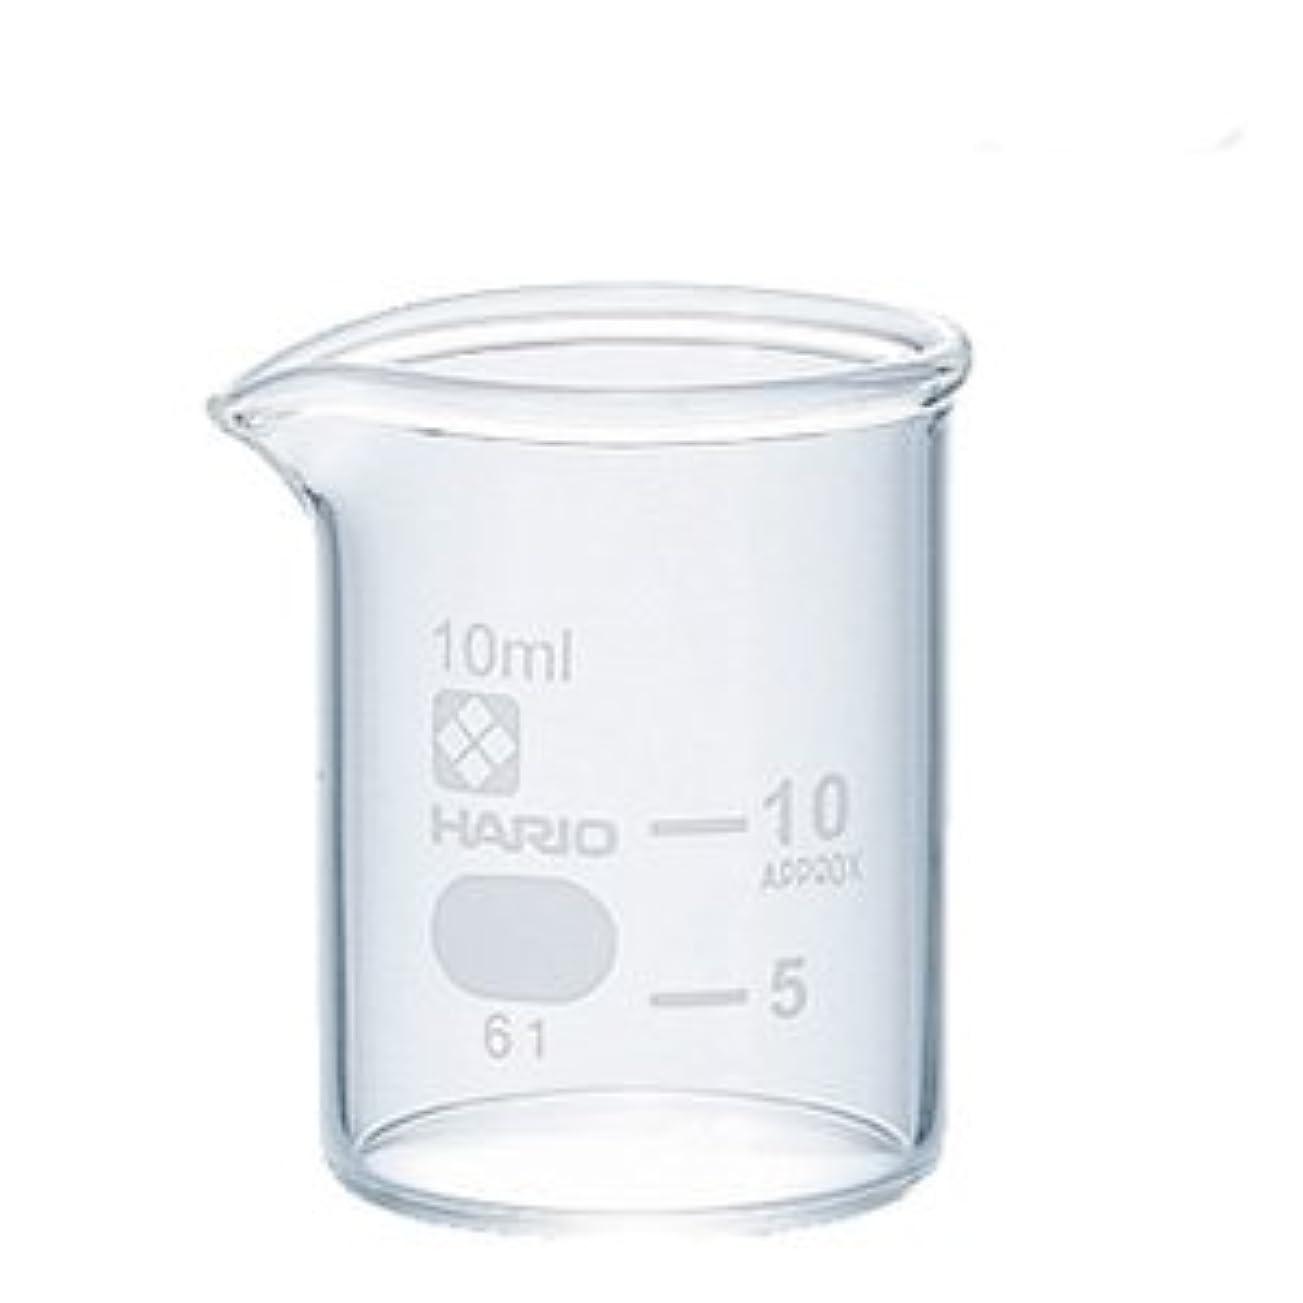 表向き混合したバンケットガラスビーカー 10ml 【手作り石鹸/手作りコスメ/手作り化粧品】